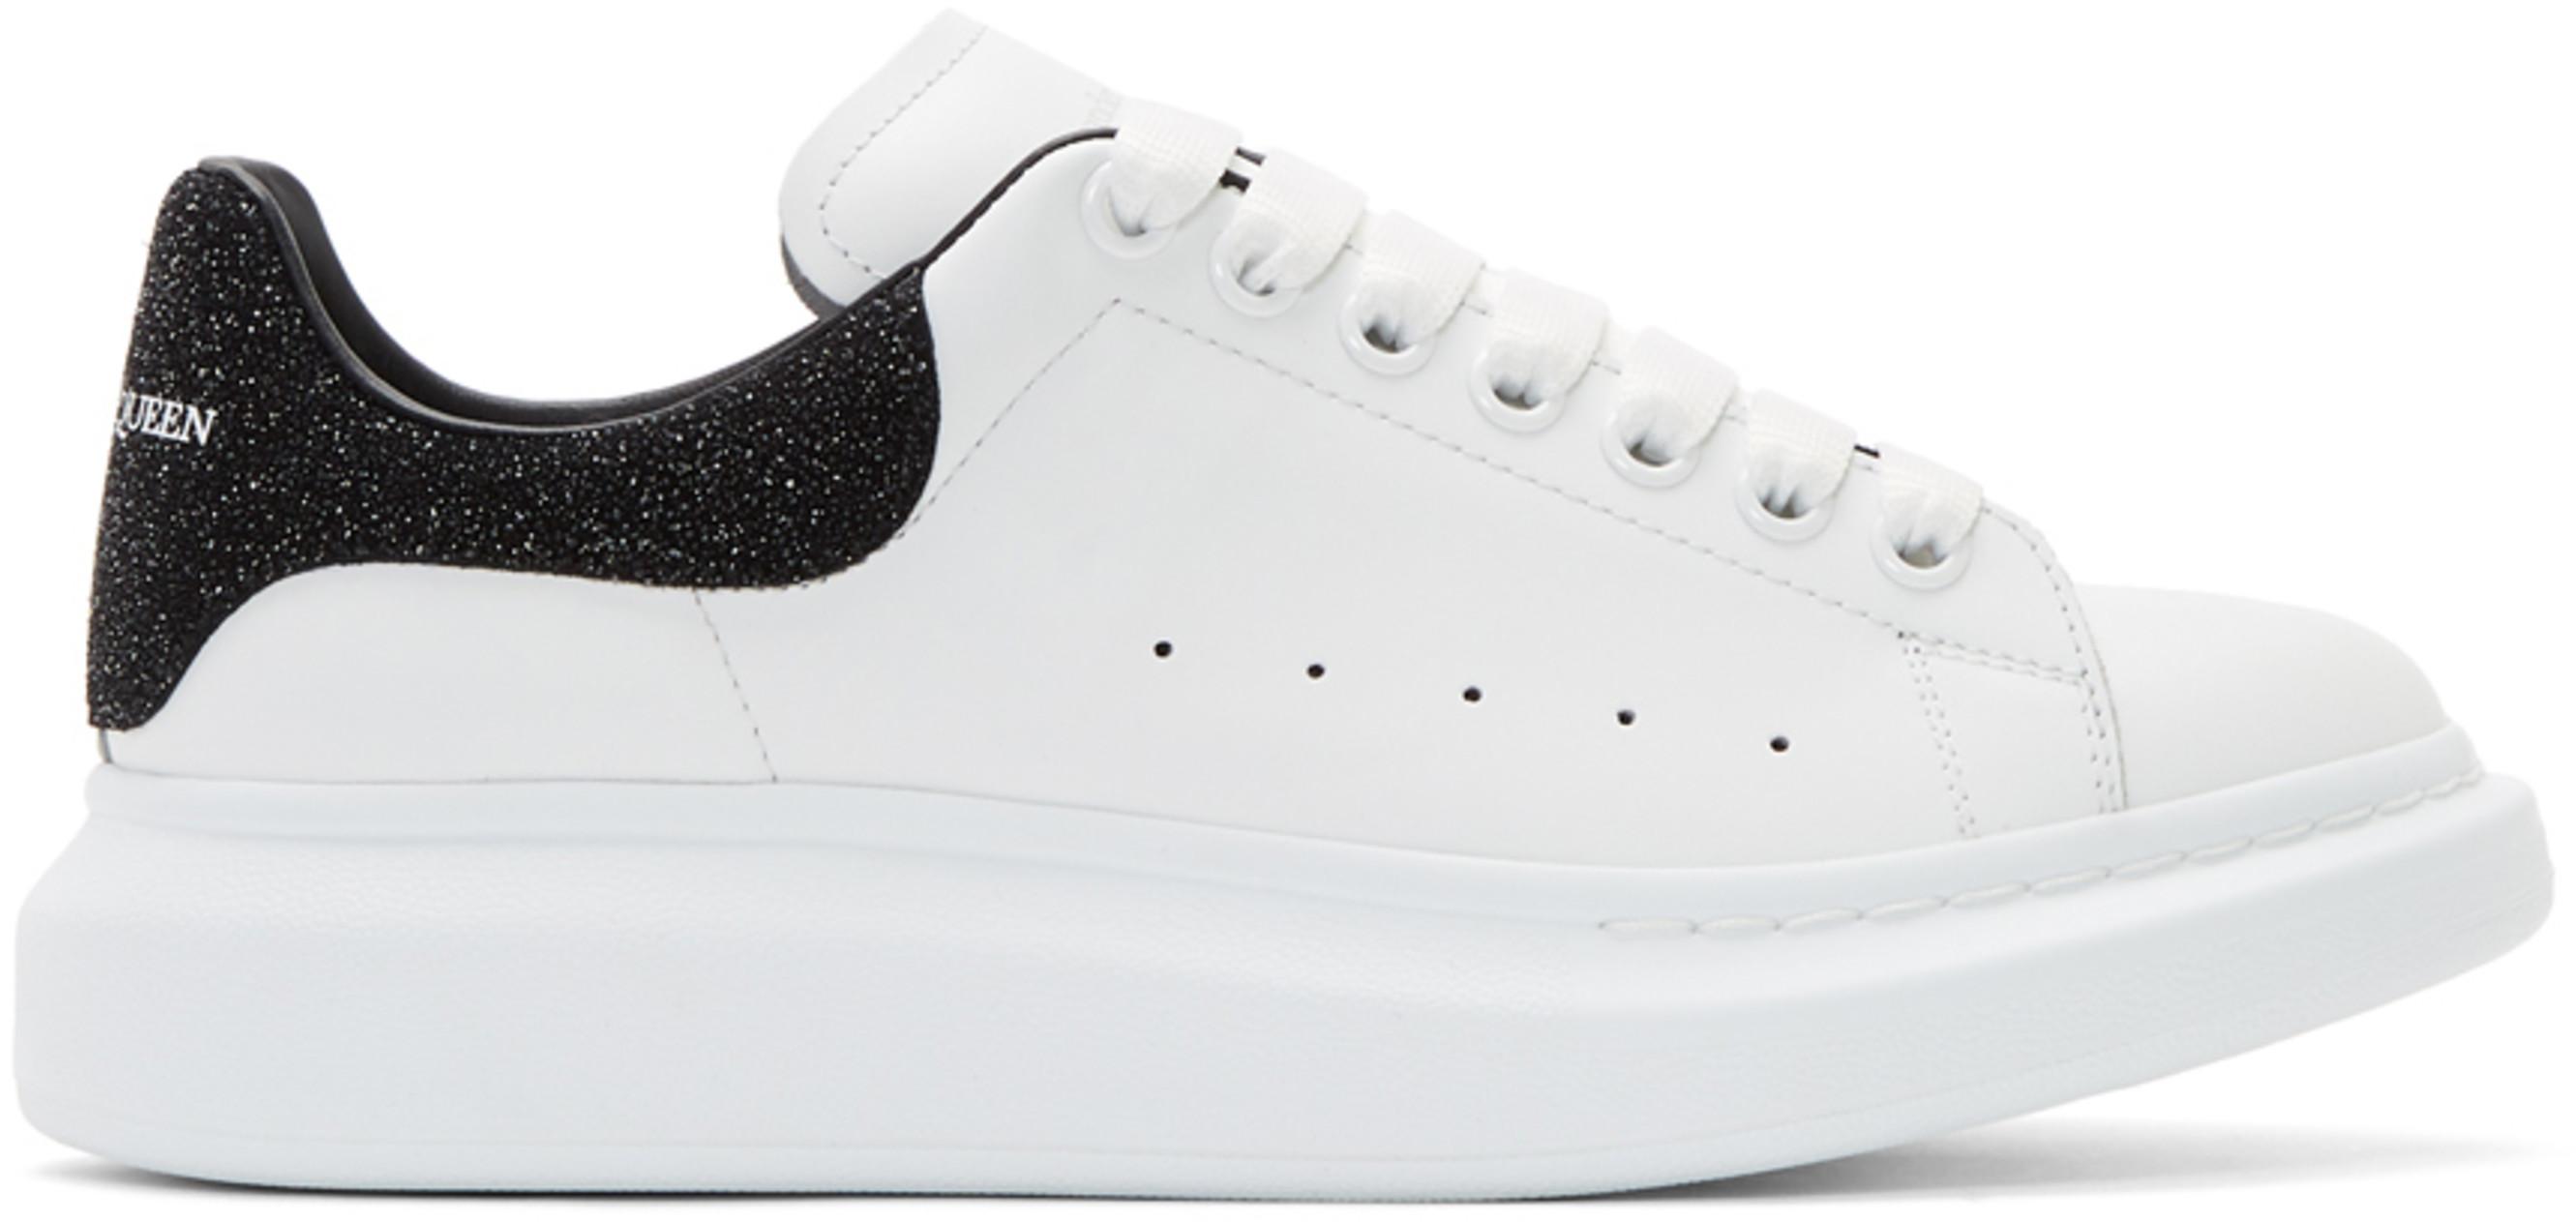 b729e0f2bcd1 Designer shoes for Men